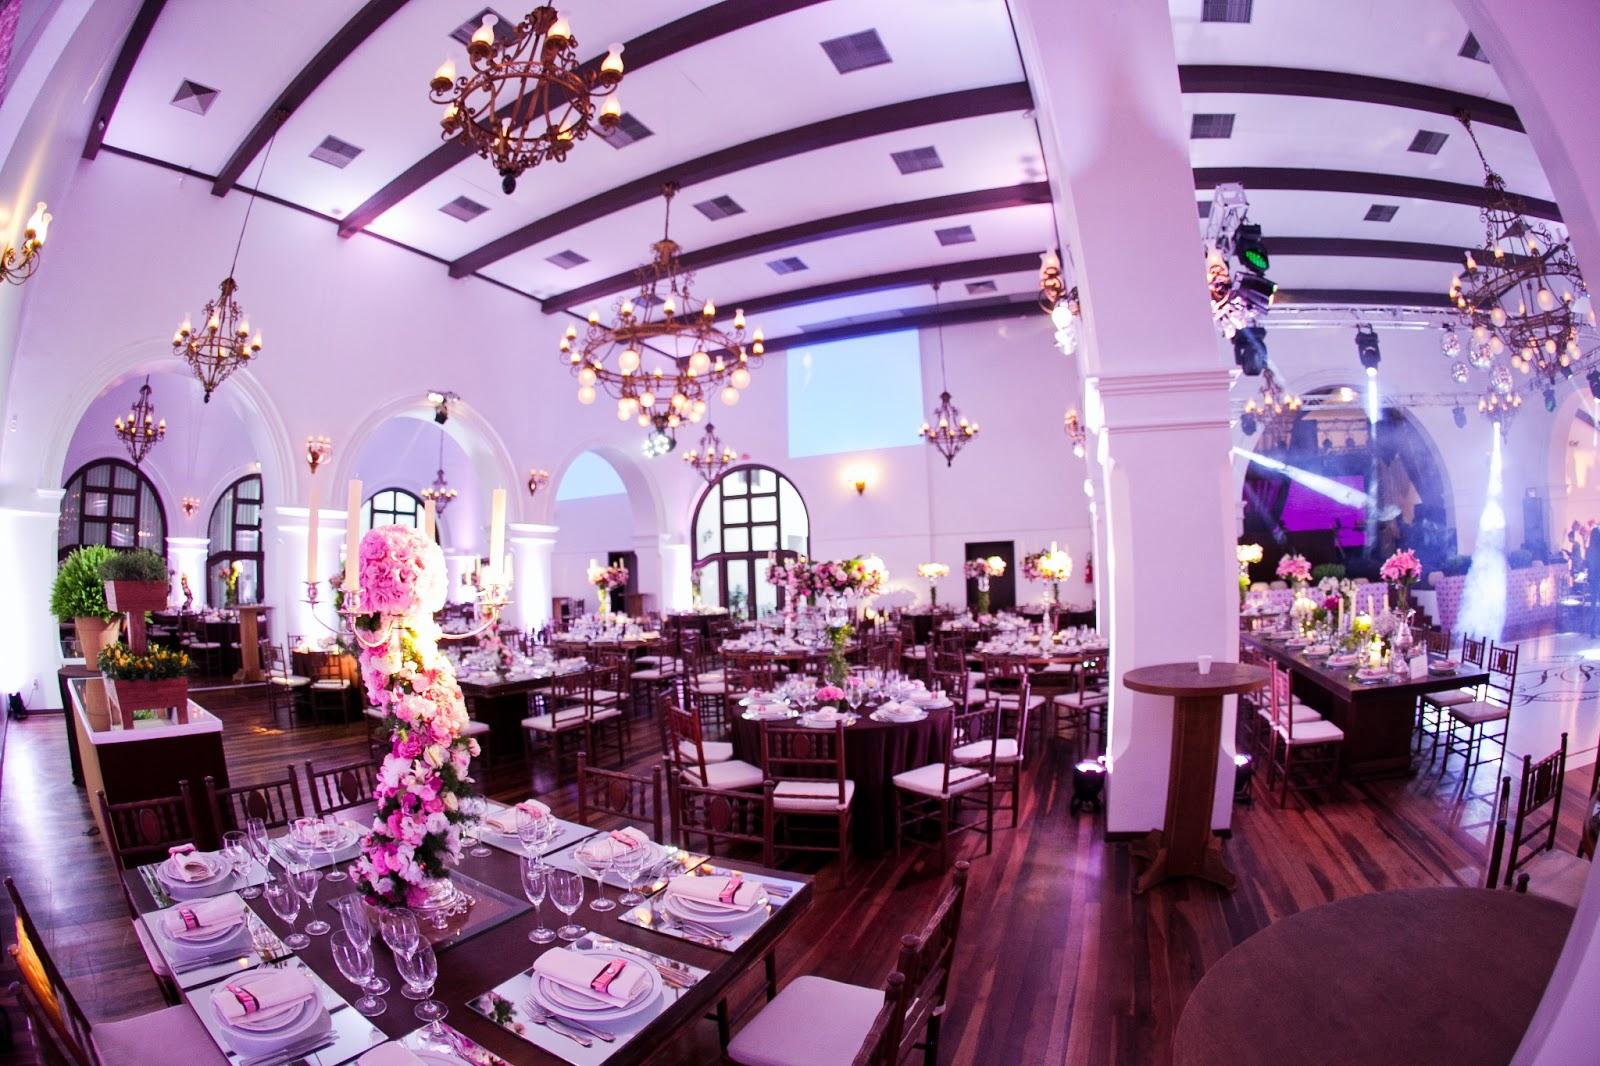 Like My Wedding: Decora??o - Meu Casamento